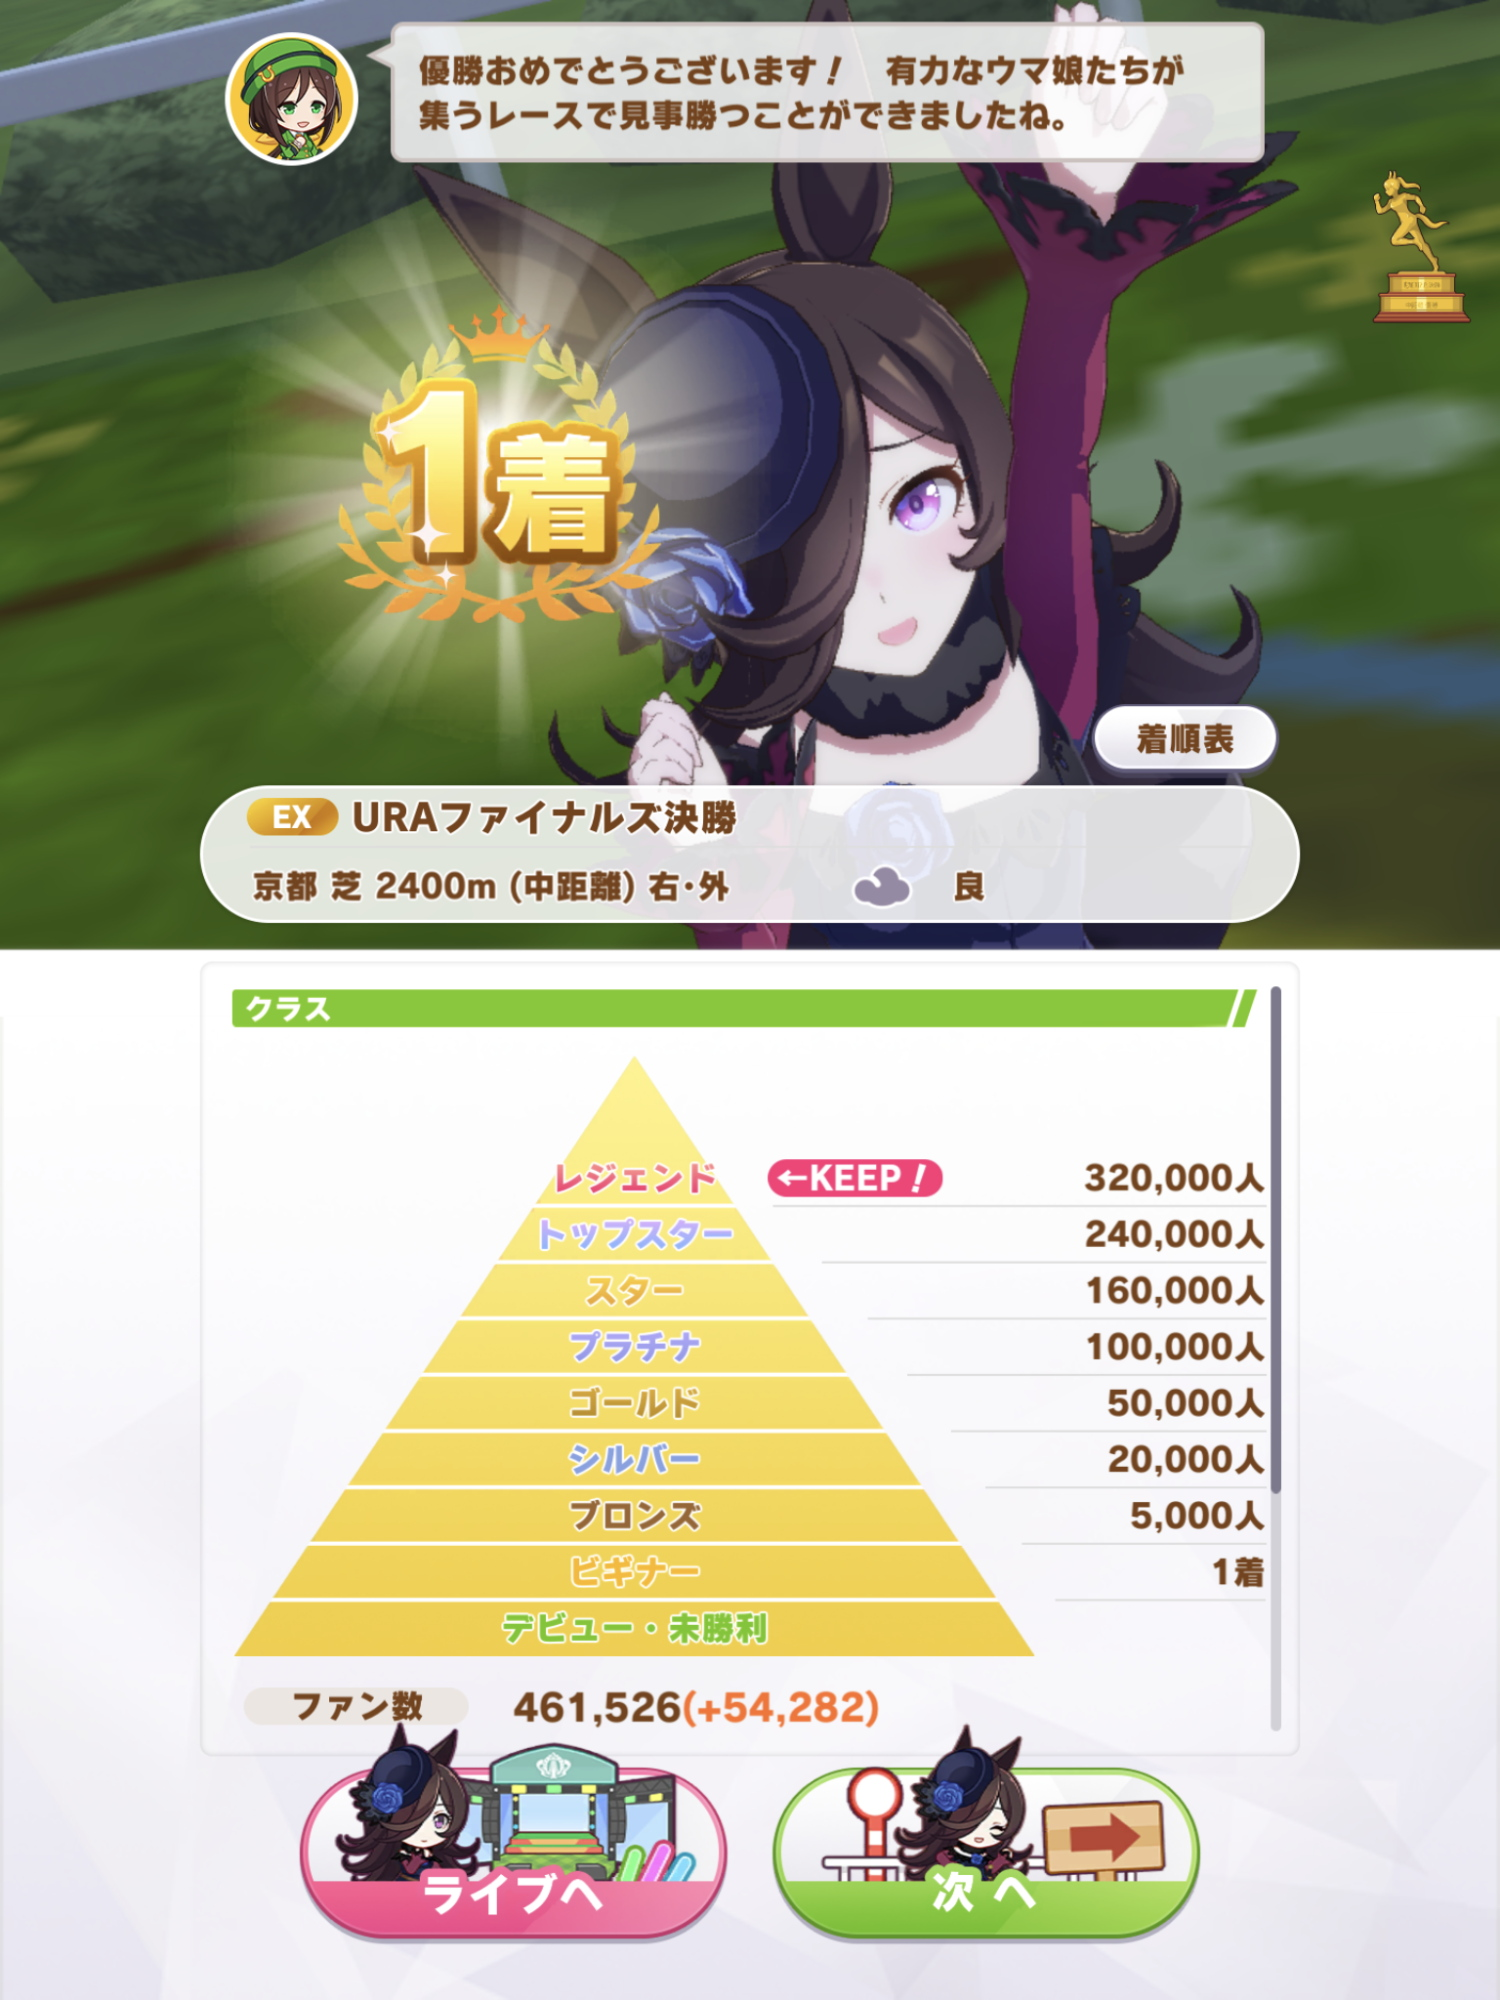 f:id:otaku4160:20210427012807j:plain